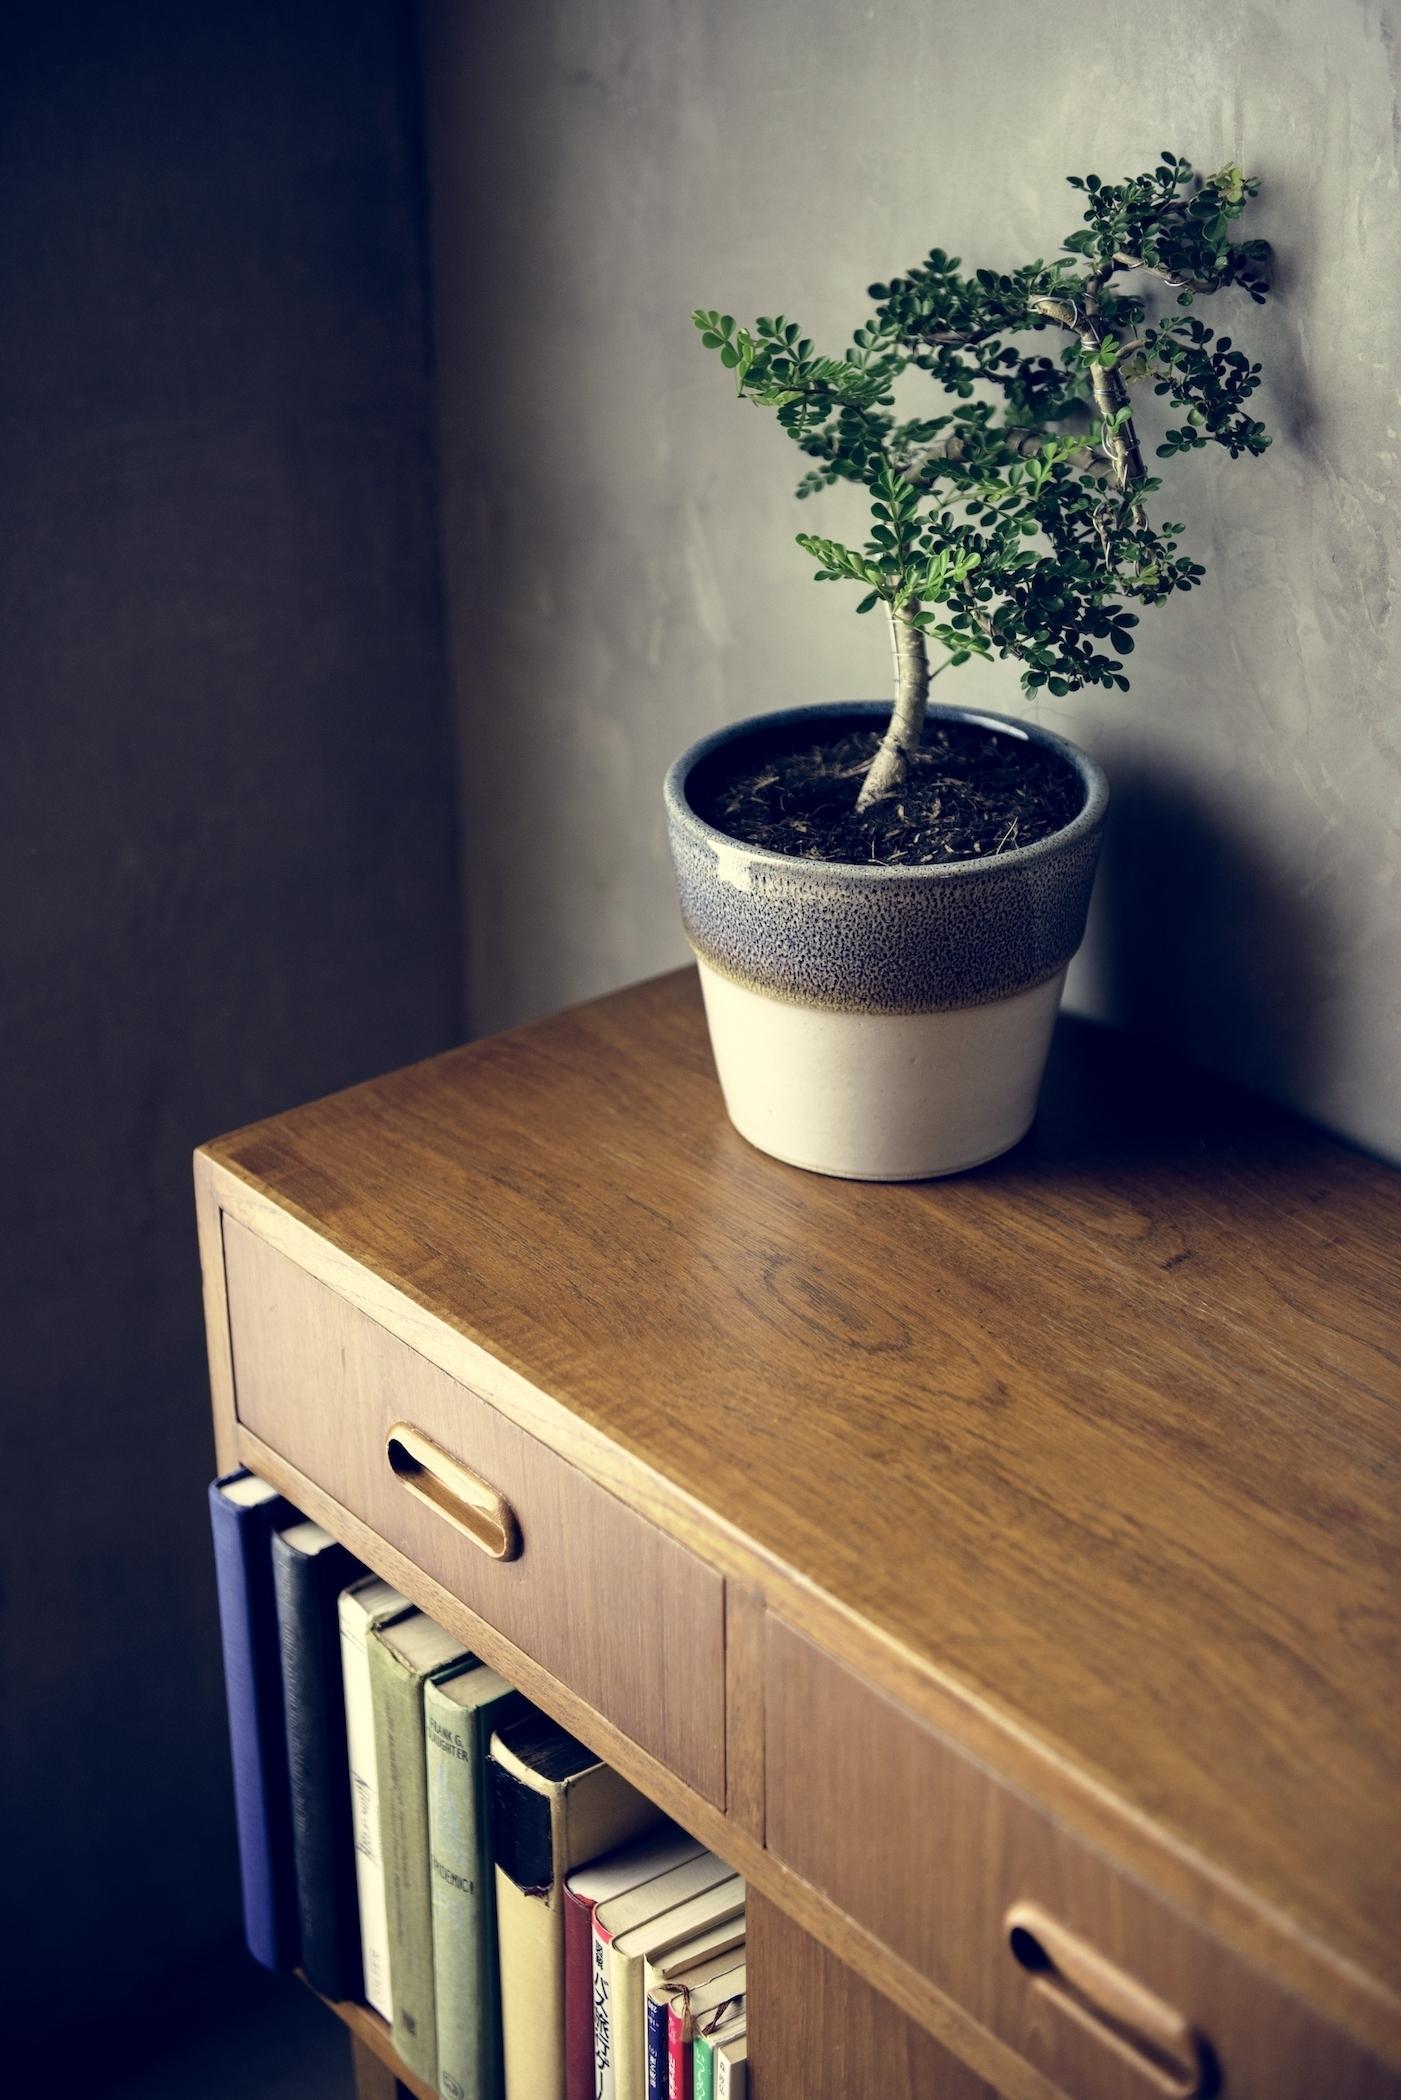 mueble-bajo-de-madera-con-libros-en-hogar-japones-estilo-con-puntos-en-comun-con-el-hogar-sostenible